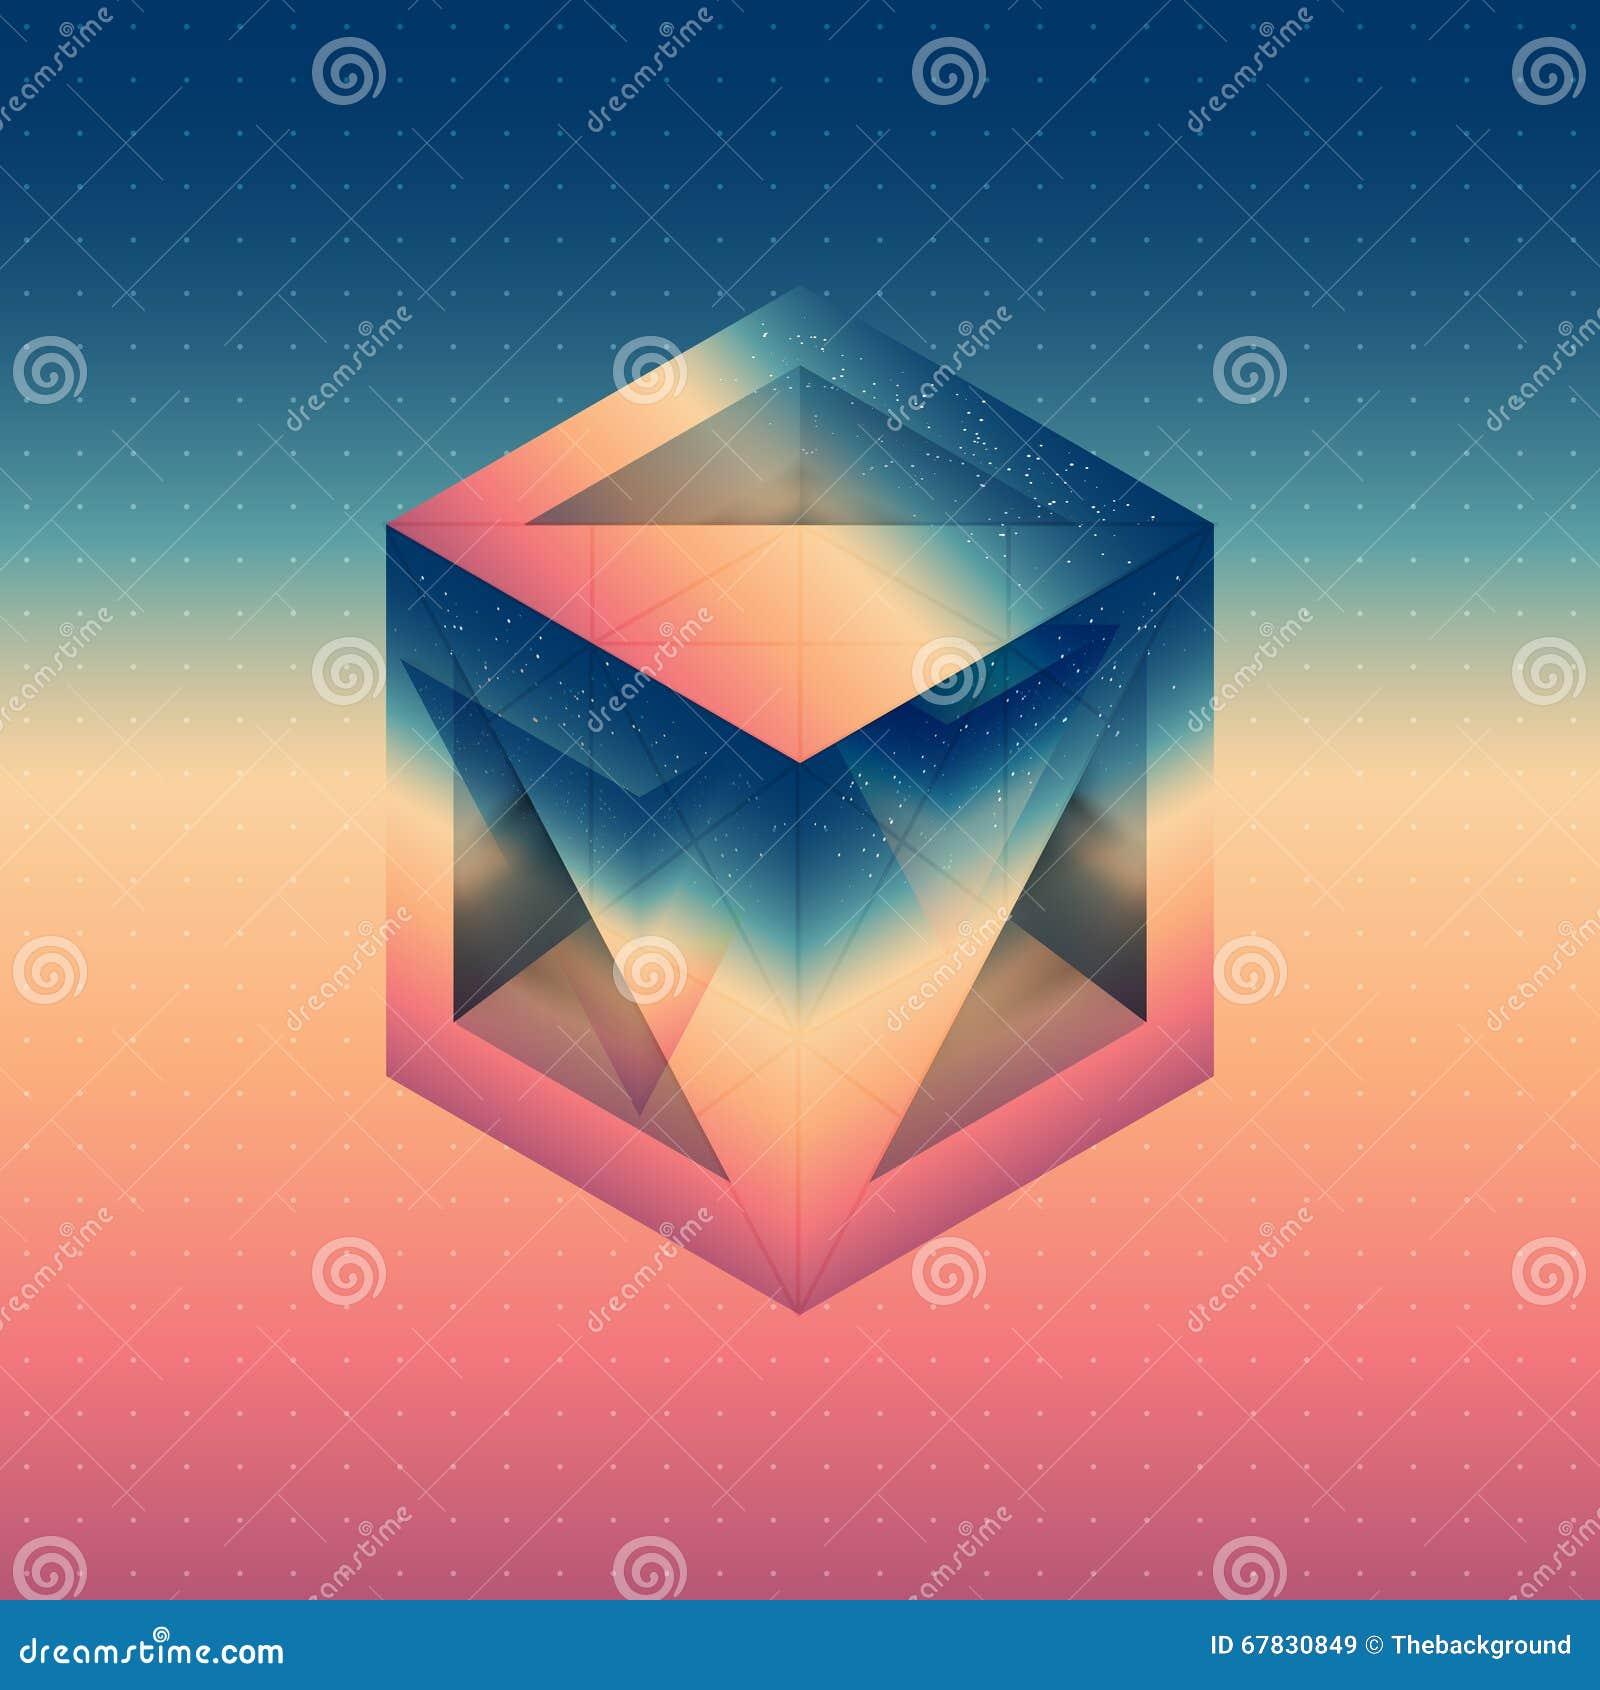 Abstracte isometrische kubus met de weerspiegeling van de ruimte en laag